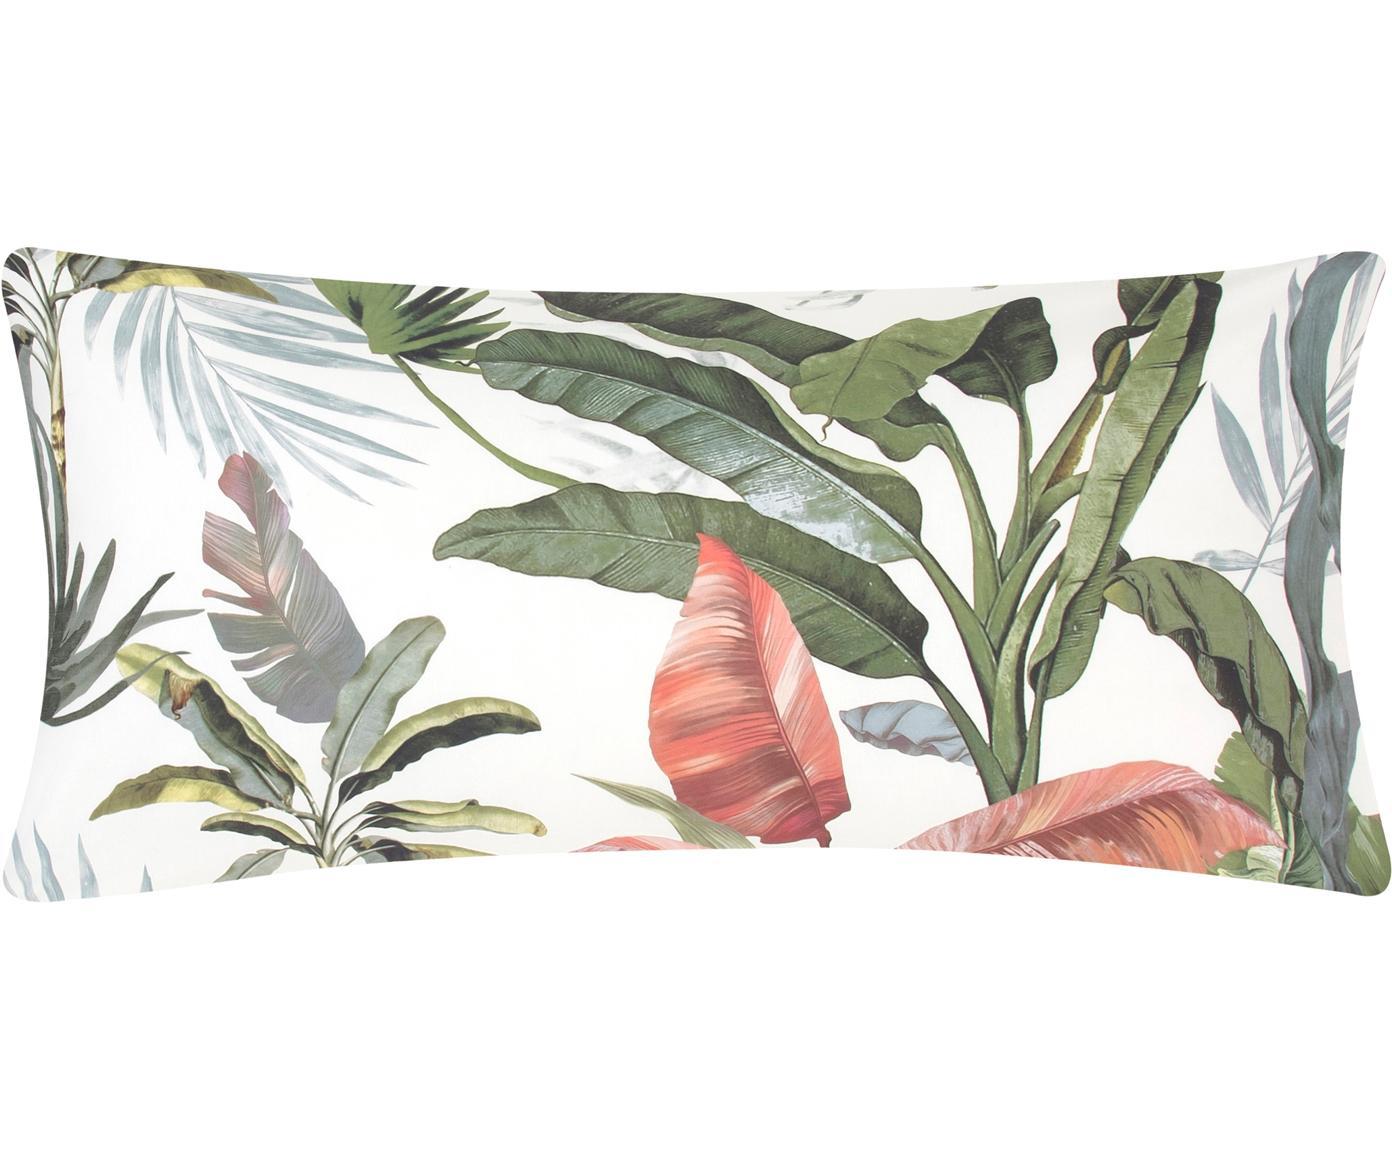 Baumwollperkal-Kissenbezüge Tropicana mit tropischem Print, 2 Stück, Webart: Perkal Fadendichte 200 TC, Vorderseite: MehrfarbigRückseite: Cremeweiss, 40 x 80 cm